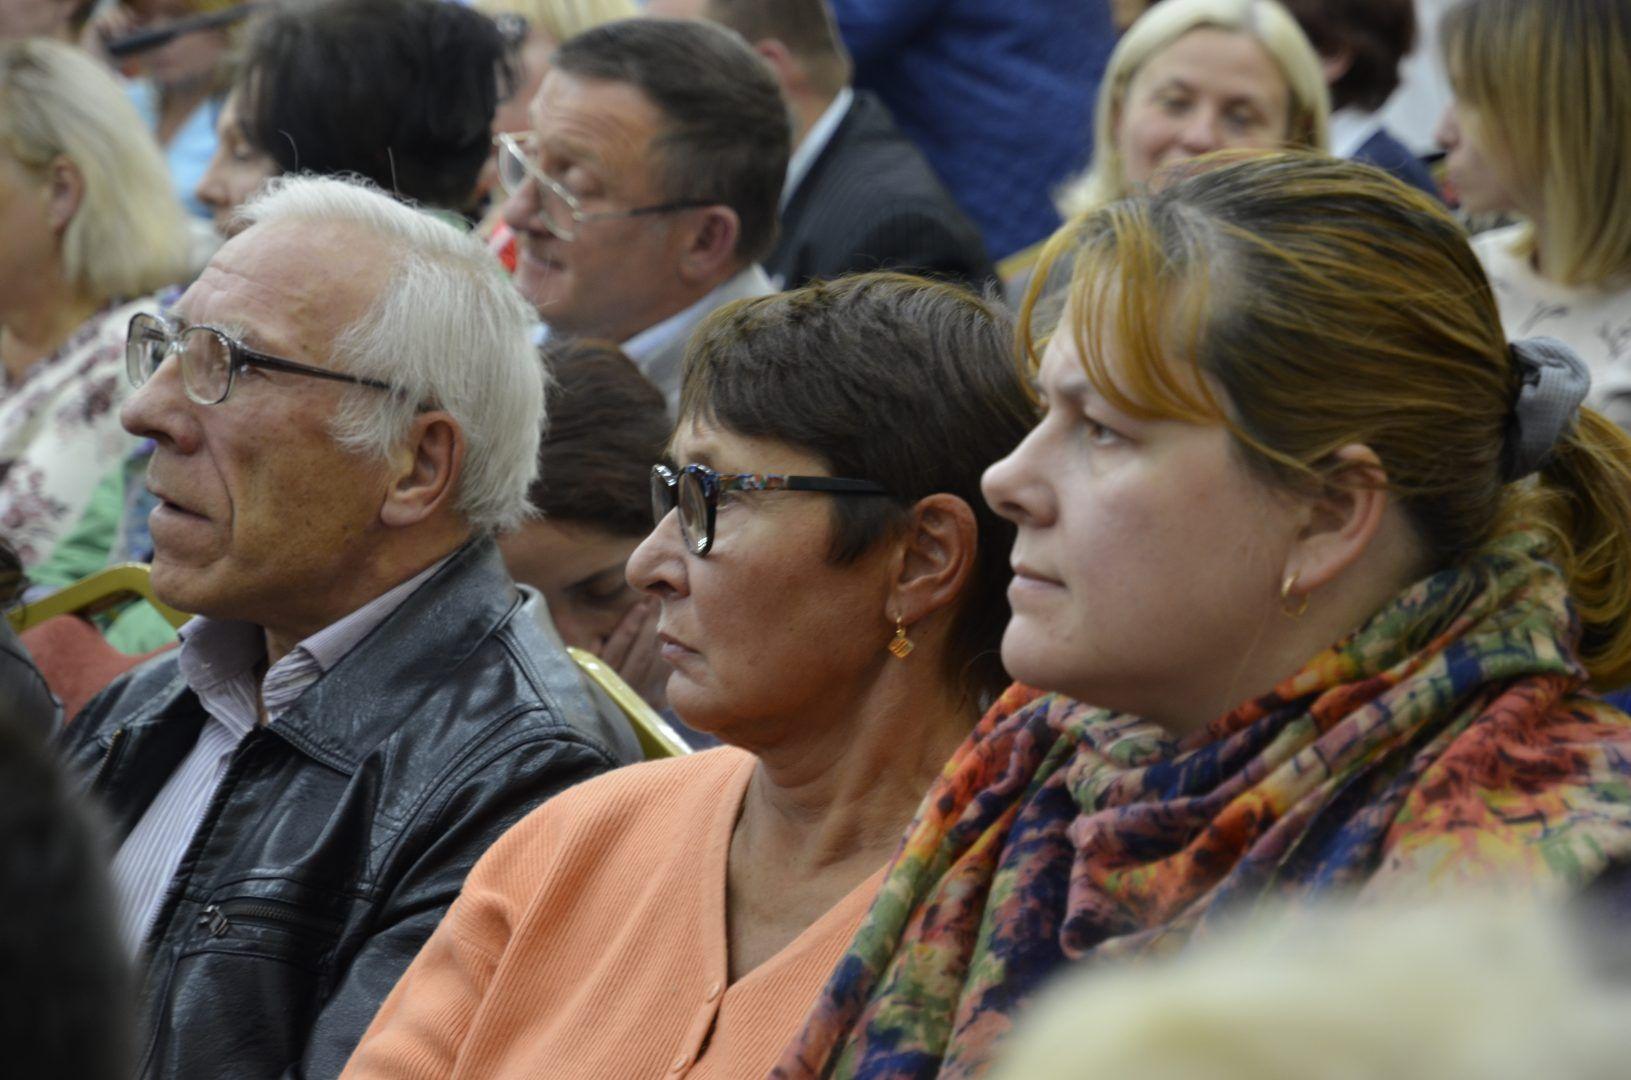 Жители Троицка зададут вопросы депутату. Фото: Анна Быкова